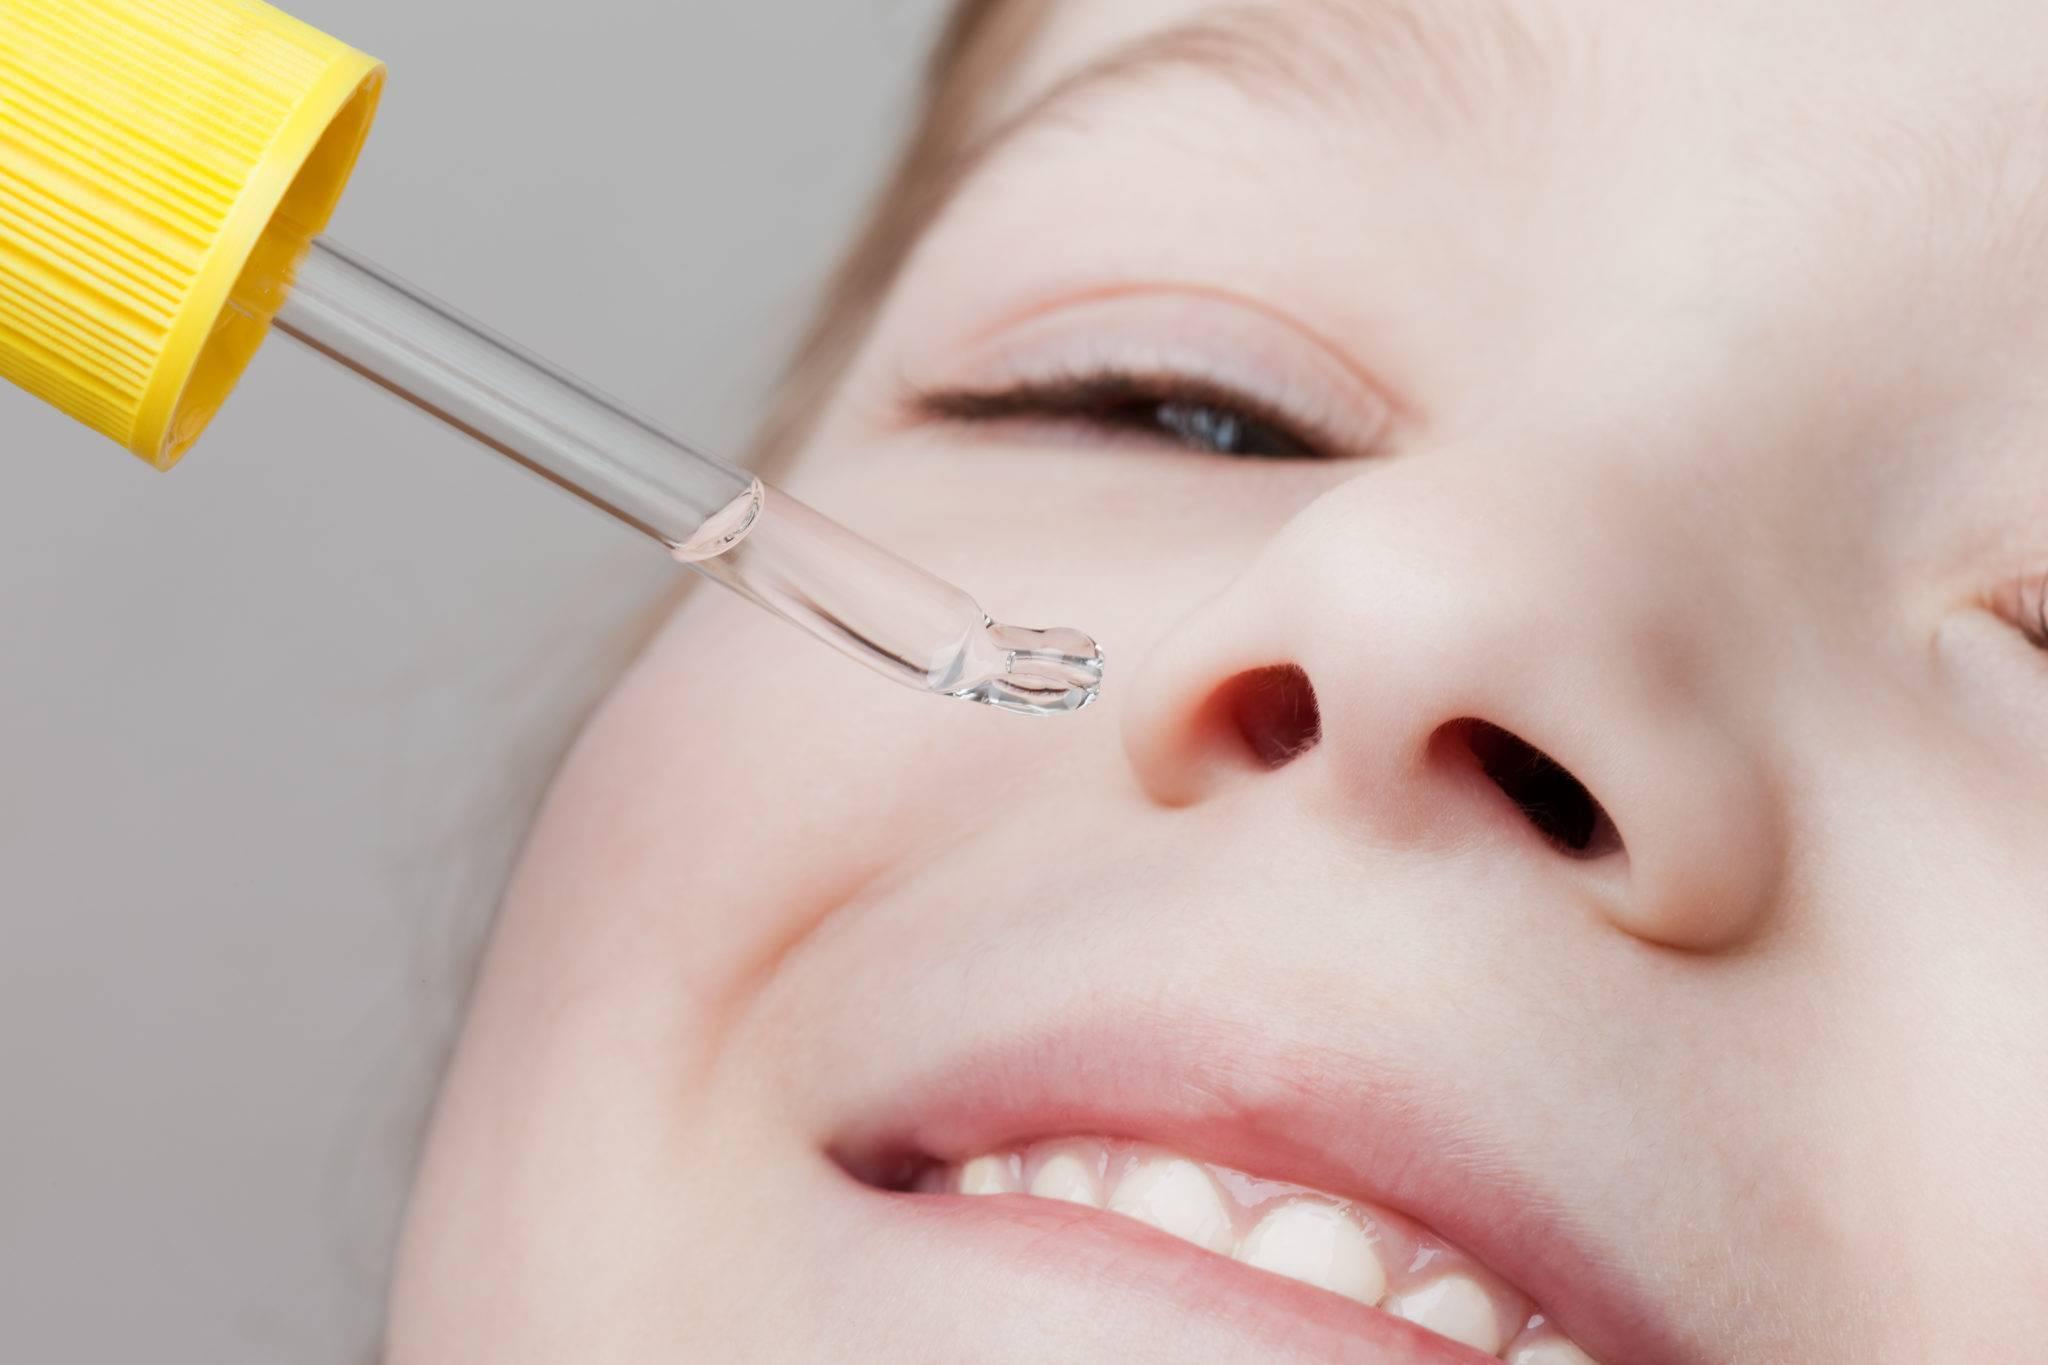 лечение насморка свекольным соком у детей